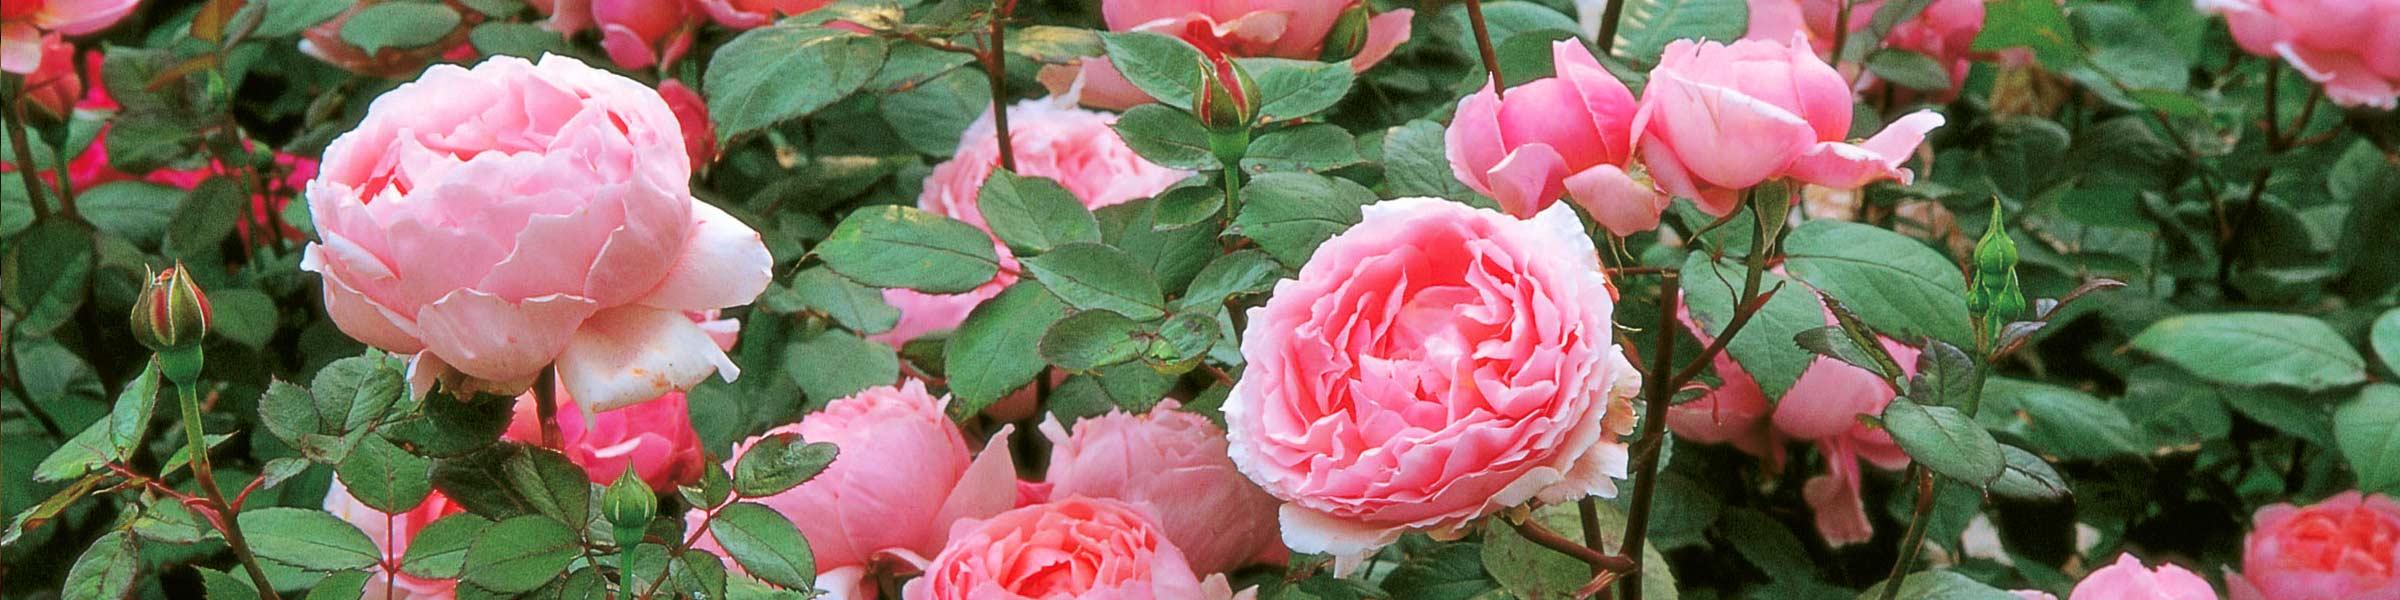 romantische rosen online kaufen | dehner